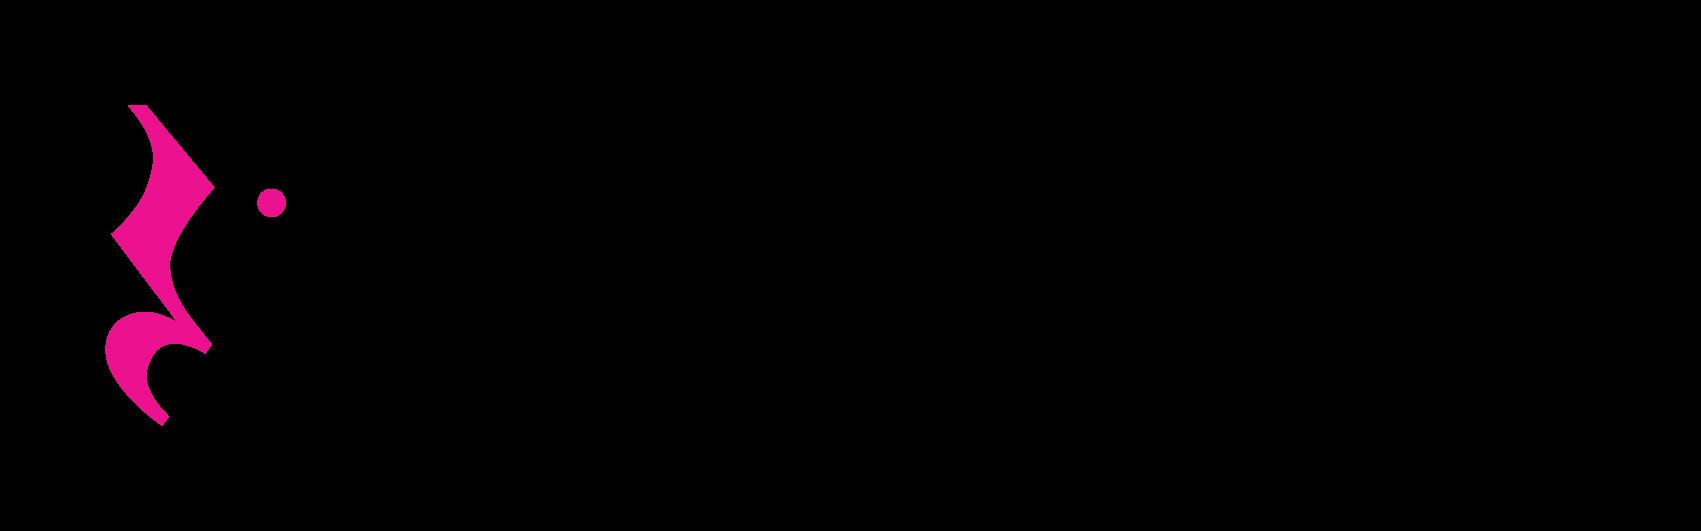 BRHYTHMIC